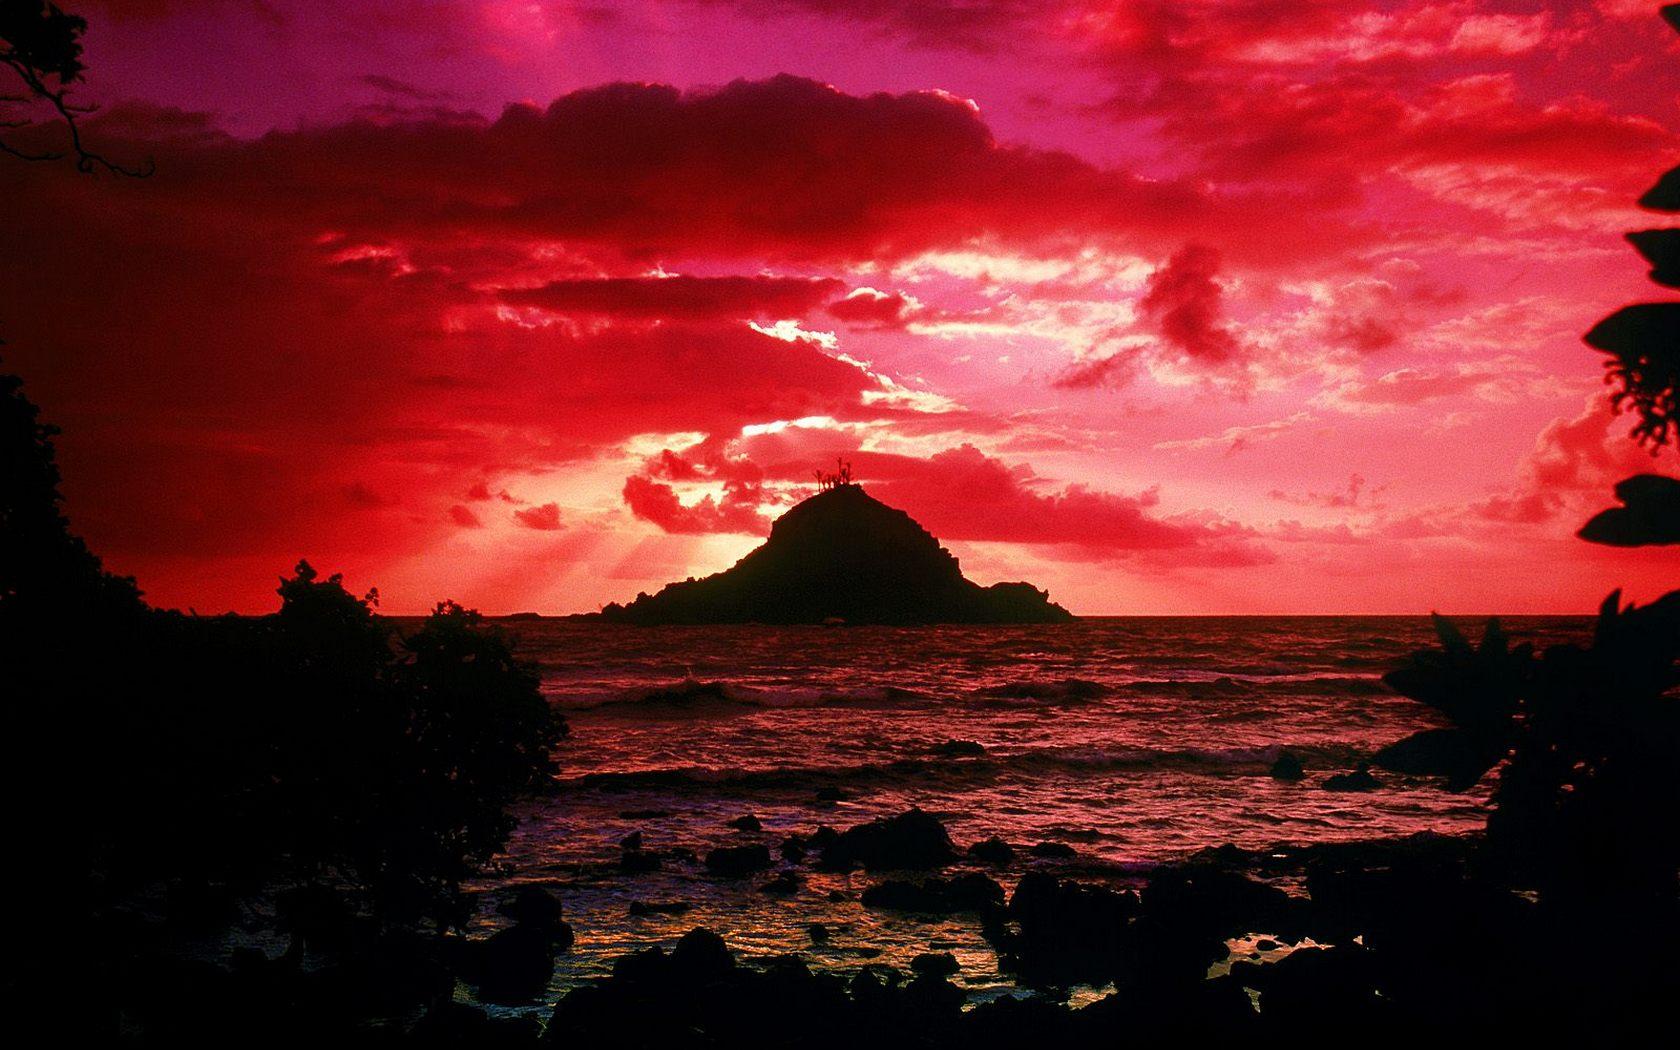 ... Island, Maui, Hawaii Sunset Wallpaper Num. 139 : 1680 x 1050 240.1 Kb